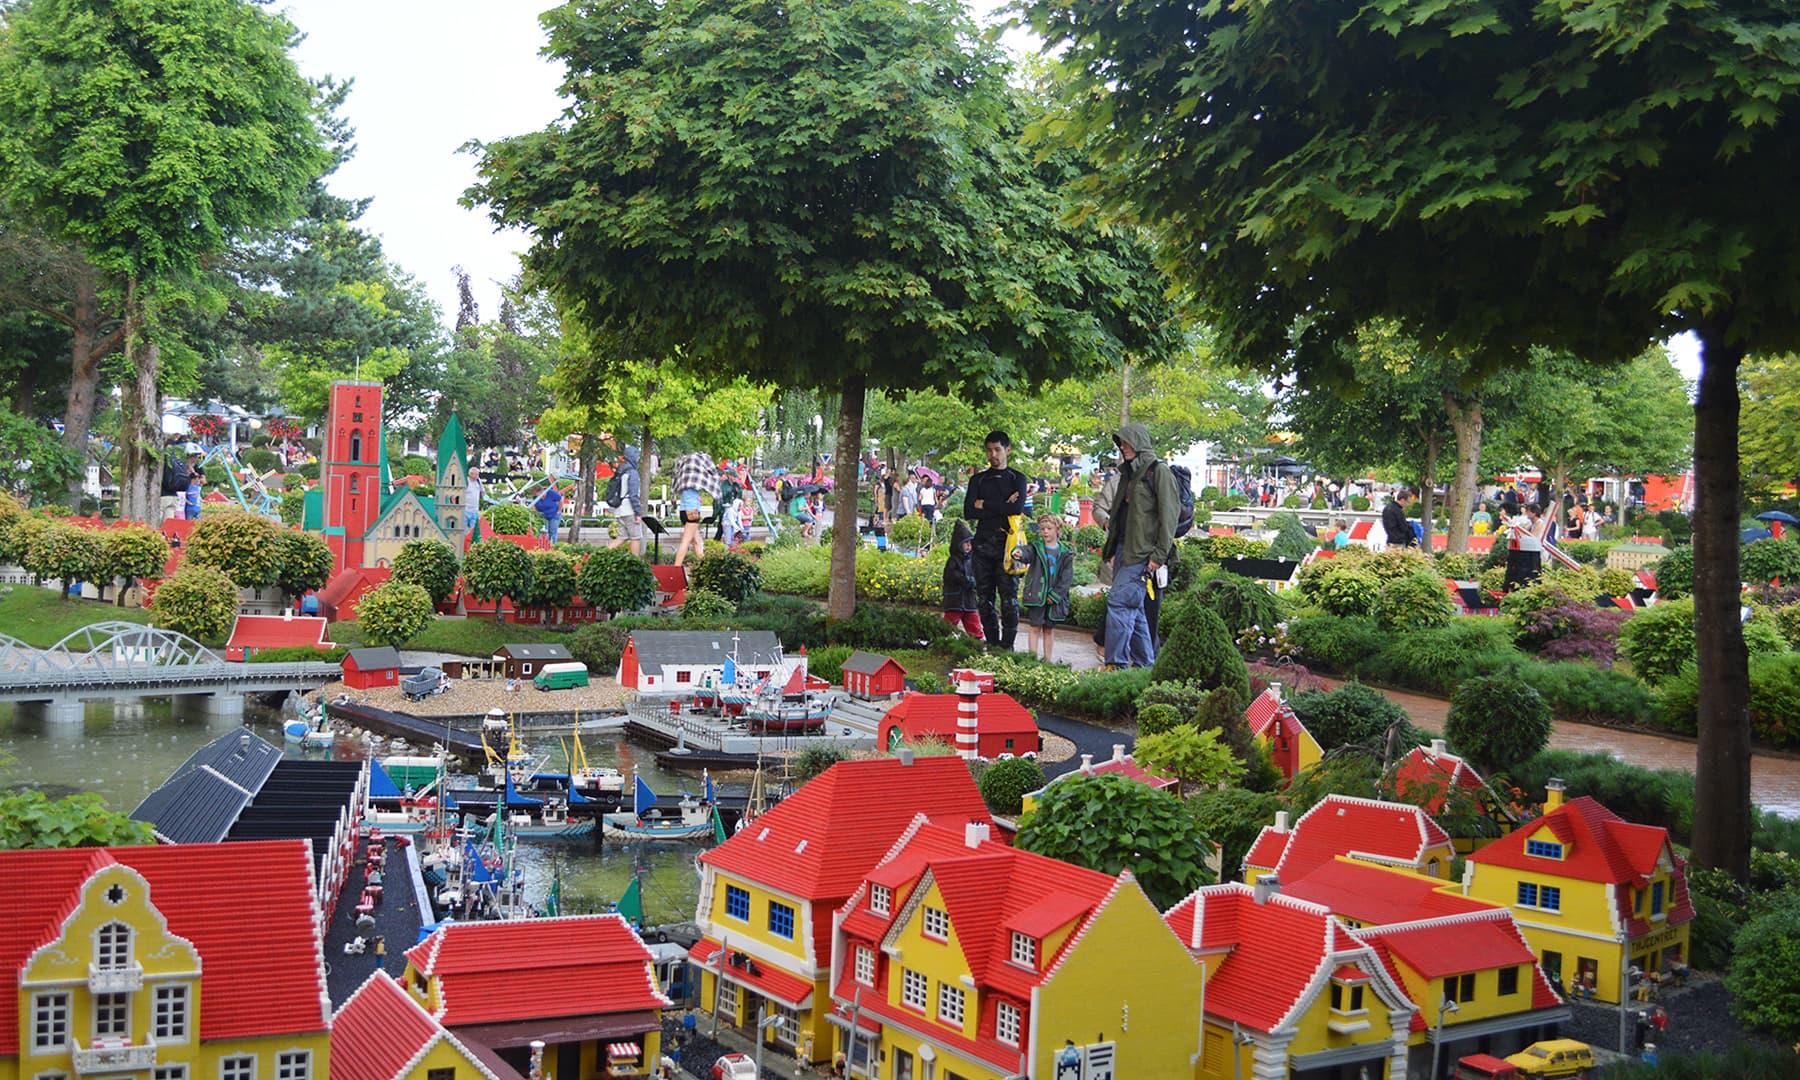 ڈنمارک کے شہر بلنڈ میں واقع لیگو کھلونوں کا آباد ایک شہر، لیگو لینڈ— رمضان رفیق